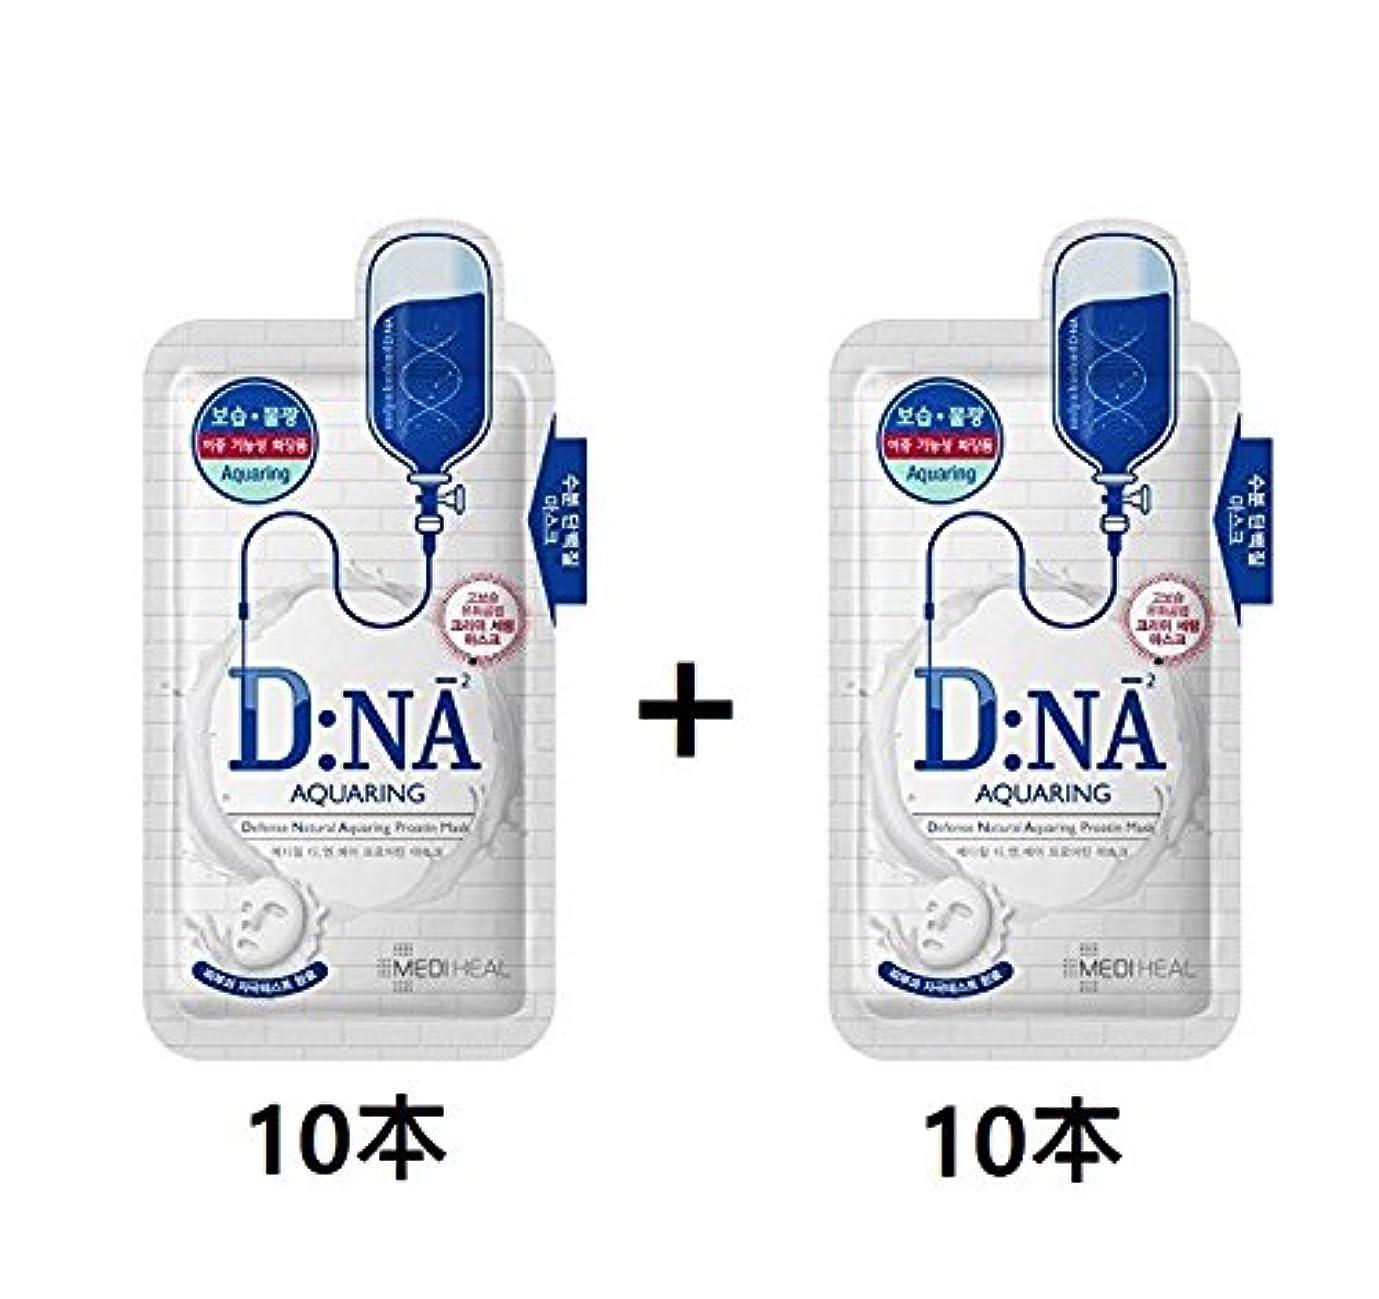 目覚めるコイルリズム[10+10] Mediheal DNA プロアチン マスクパック (アクアリング) 25g x (10枚+10枚) [ Mediheal DNA Proatin Face Mask Pack (Aquaring) 25g...